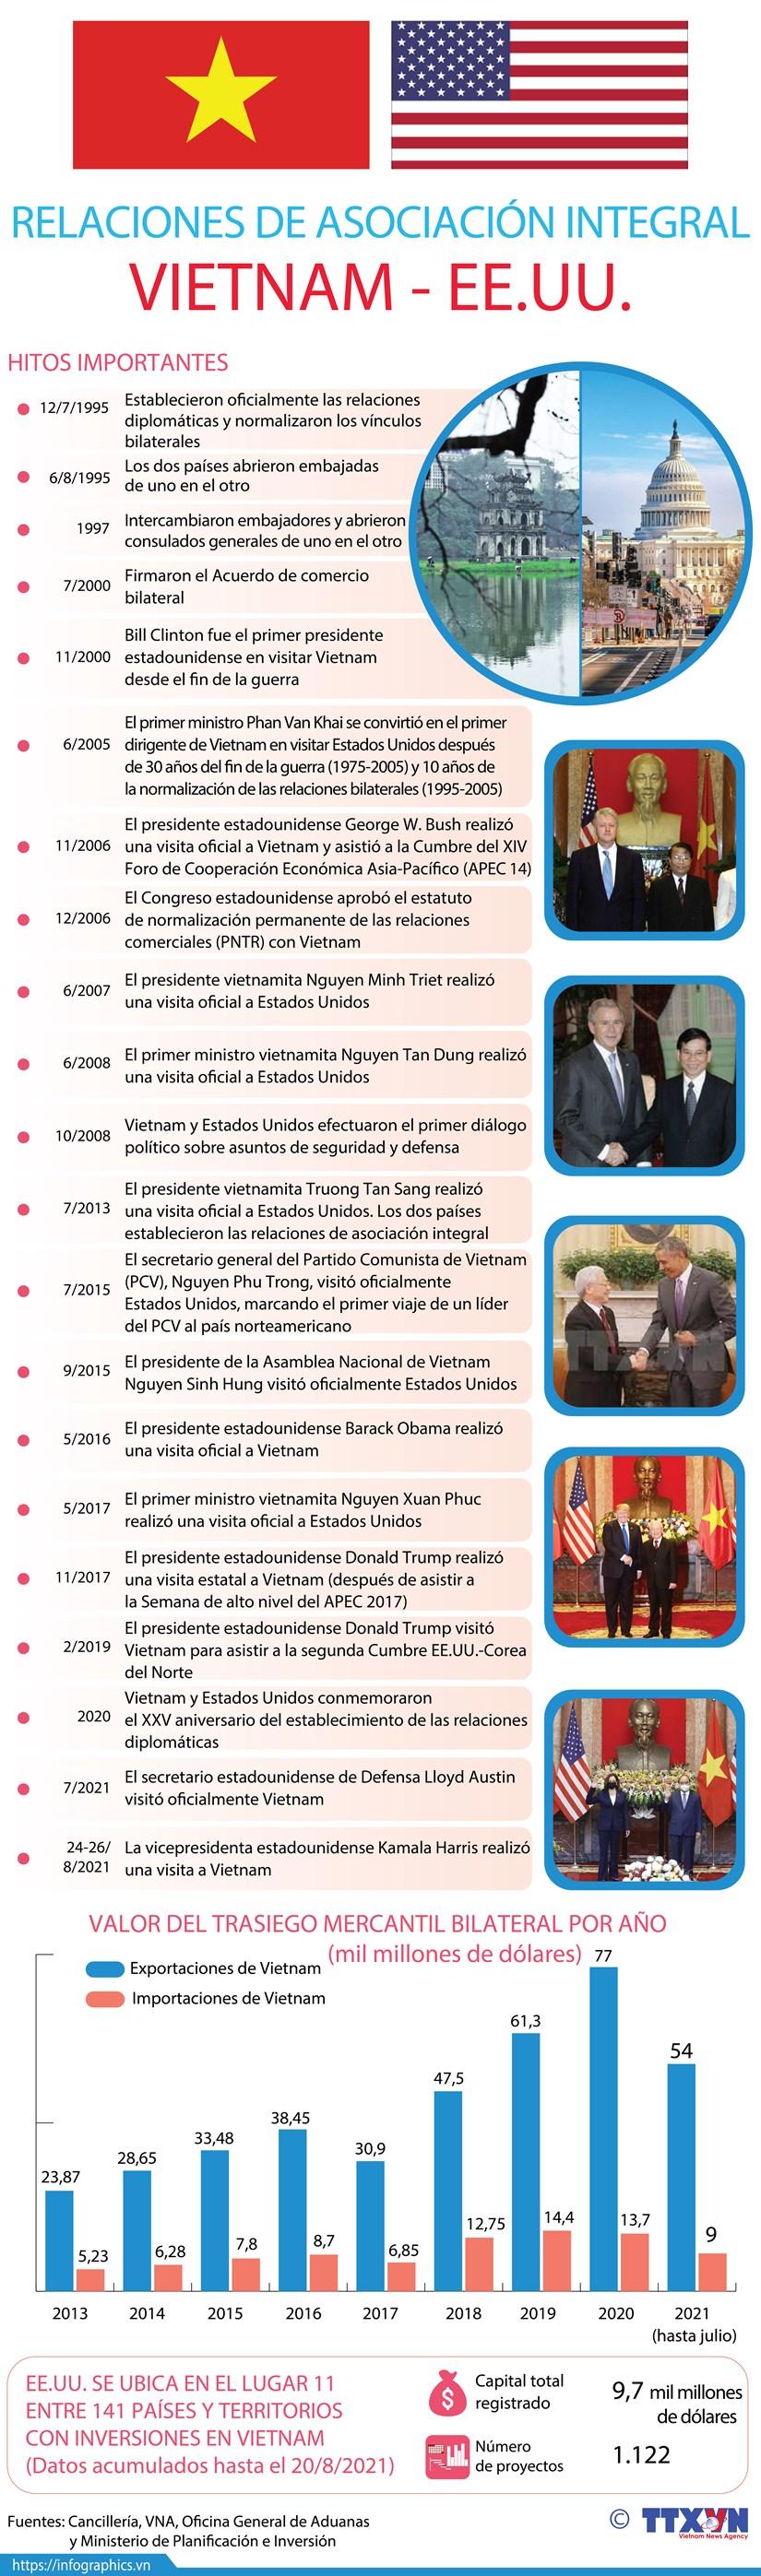 Relaciones de asociacion integral Vietnam-Estados Unidos hinh anh 1